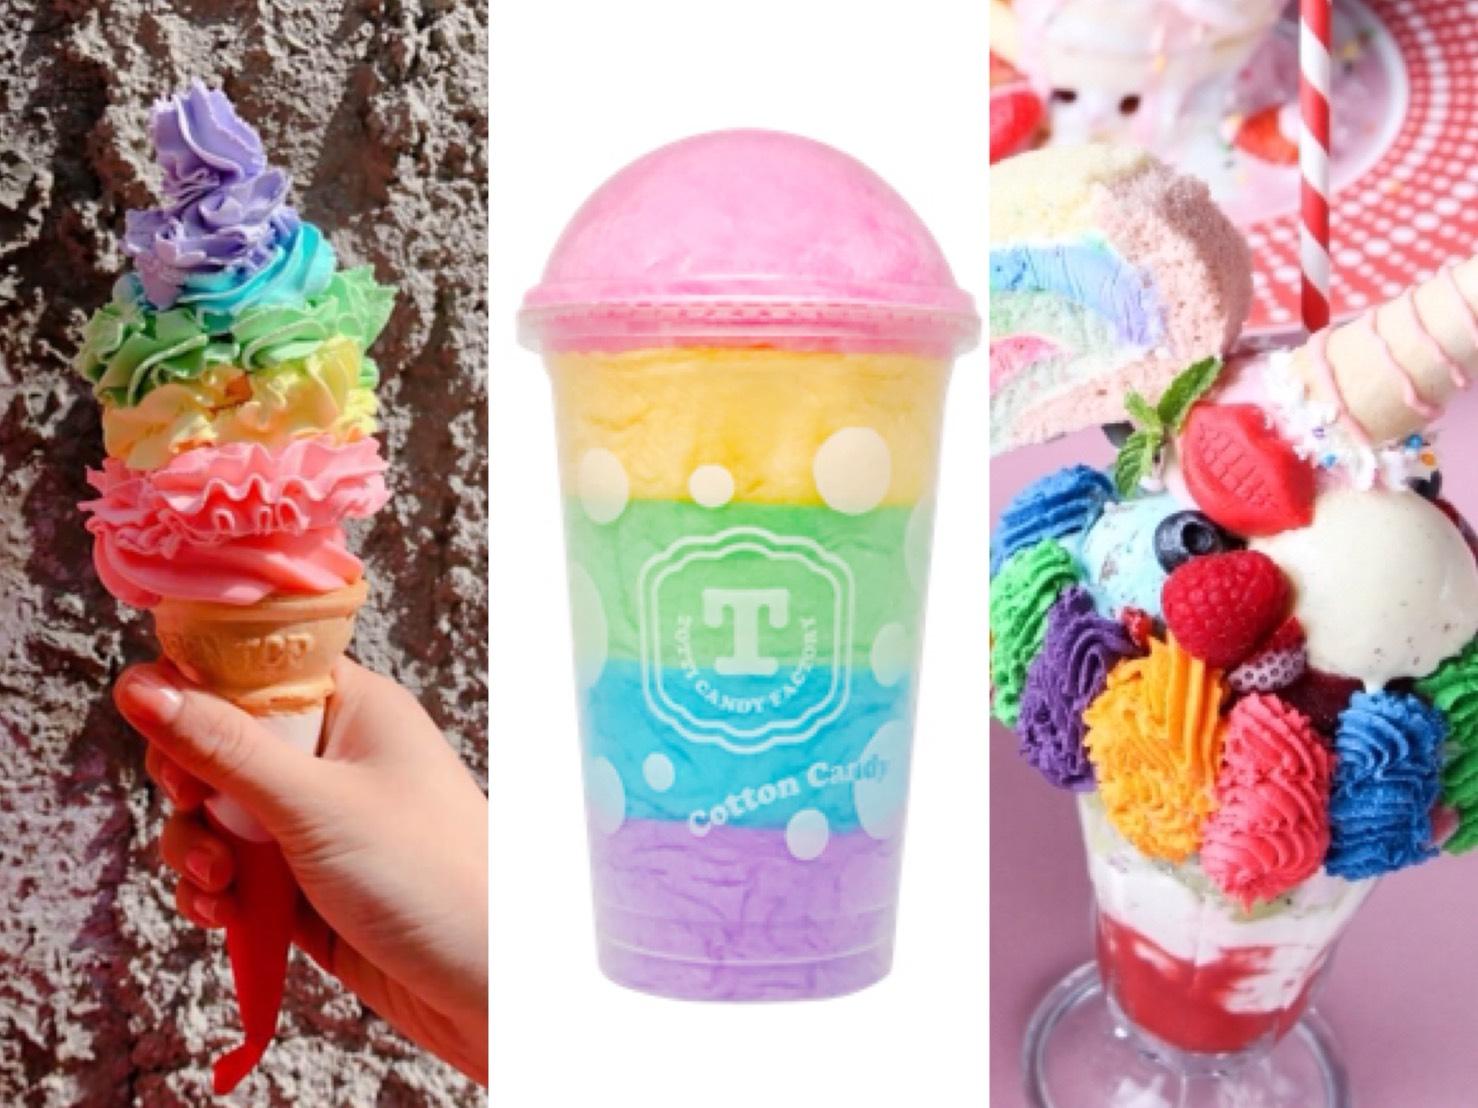 IG讚數的保證!東京・彩虹甜點6選 在六本木、在原宿、在自由之丘、在麻布十番、甜點、